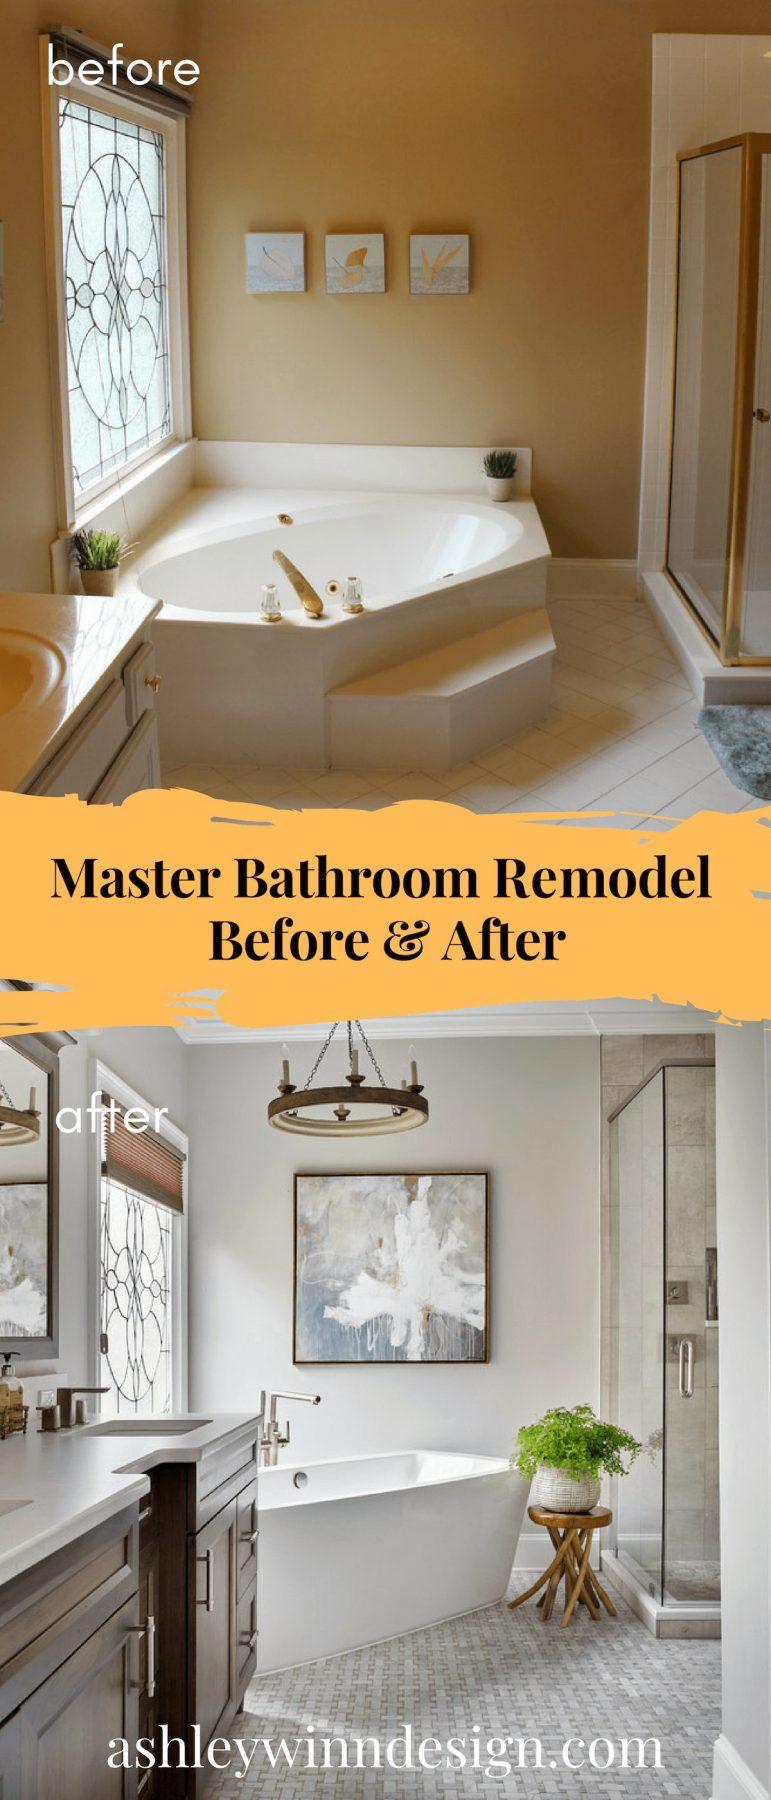 30 Impressive Master Bathroom Remodel Ideas Before After Images